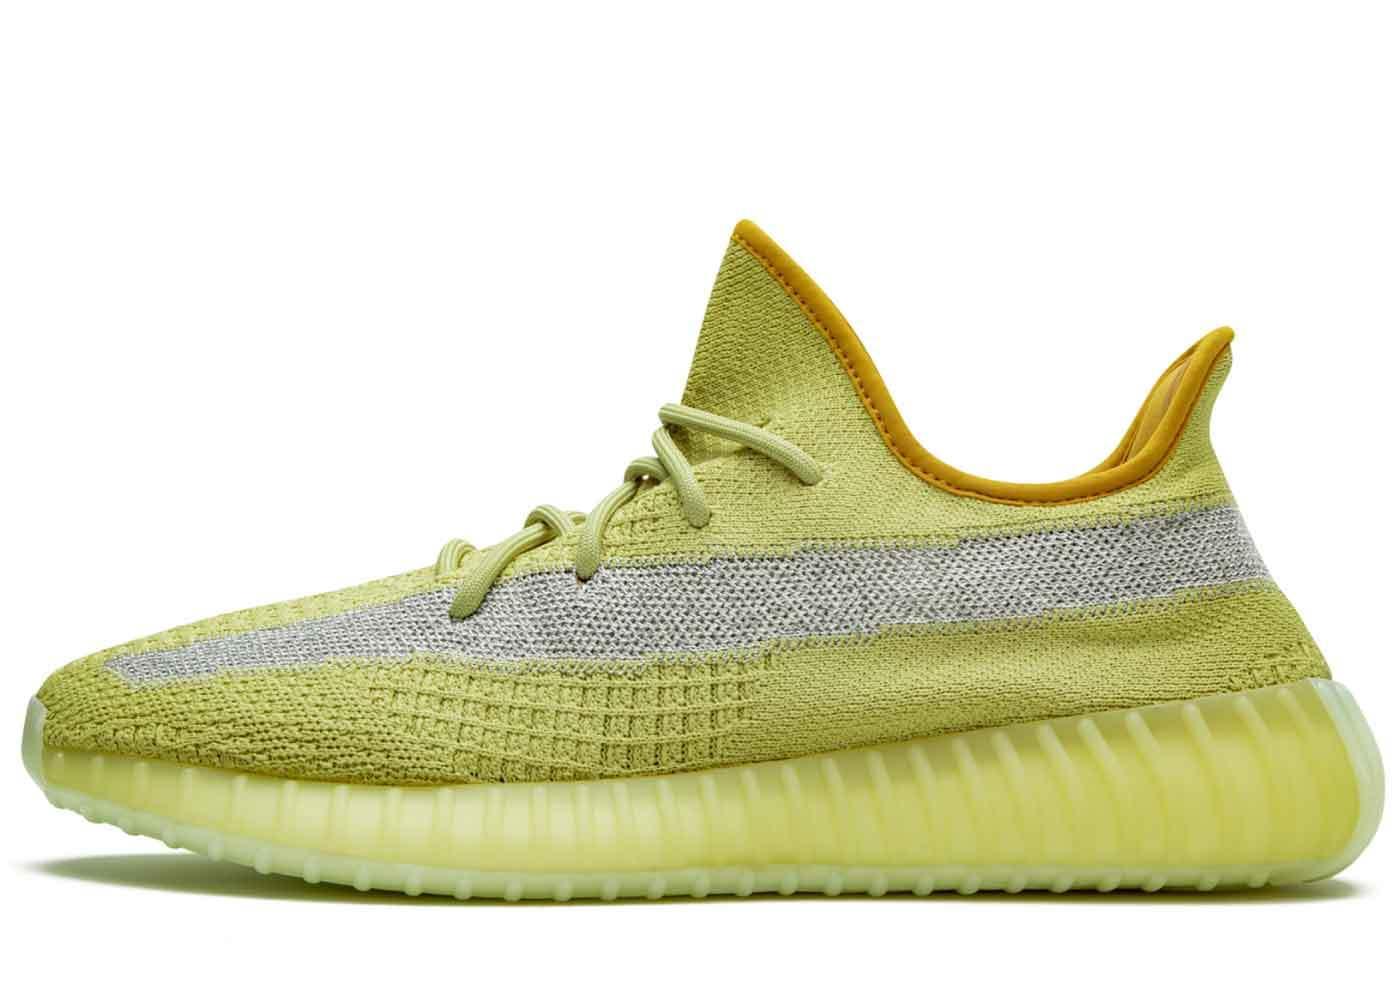 Adidas Yeezy Boost 350 V2 Marchの写真